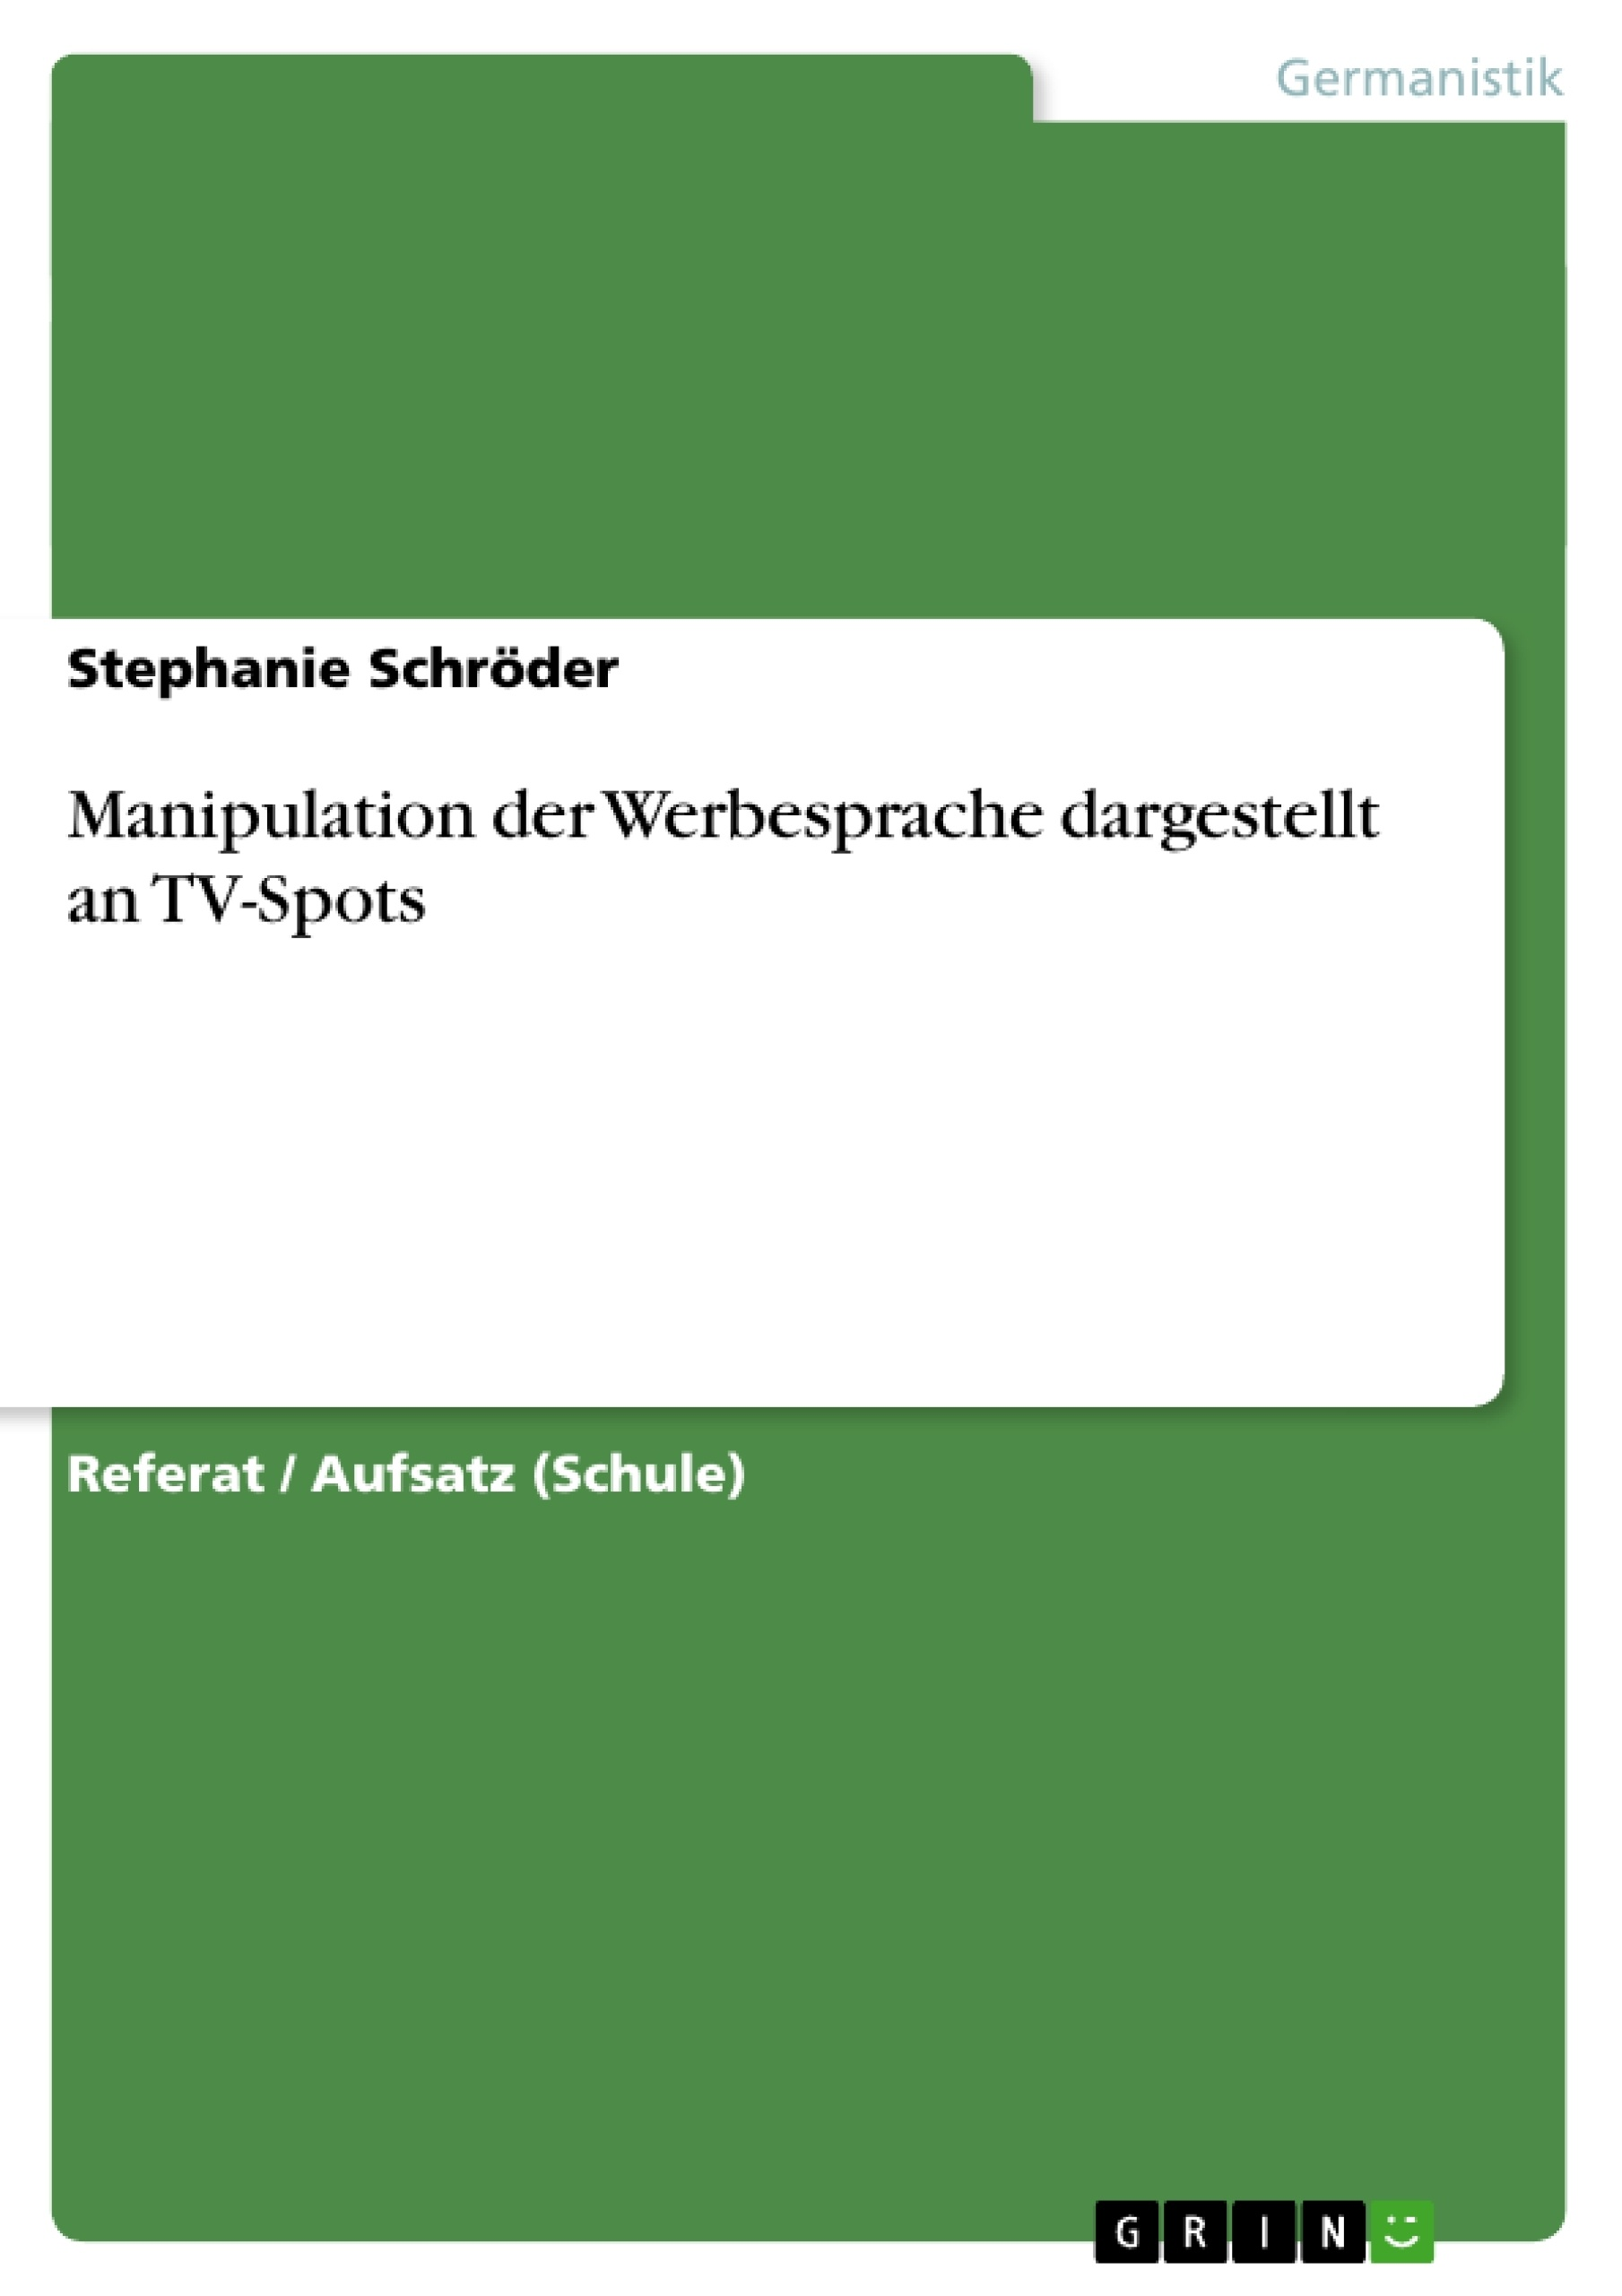 Titel: Manipulation der Werbesprache dargestellt an TV-Spots